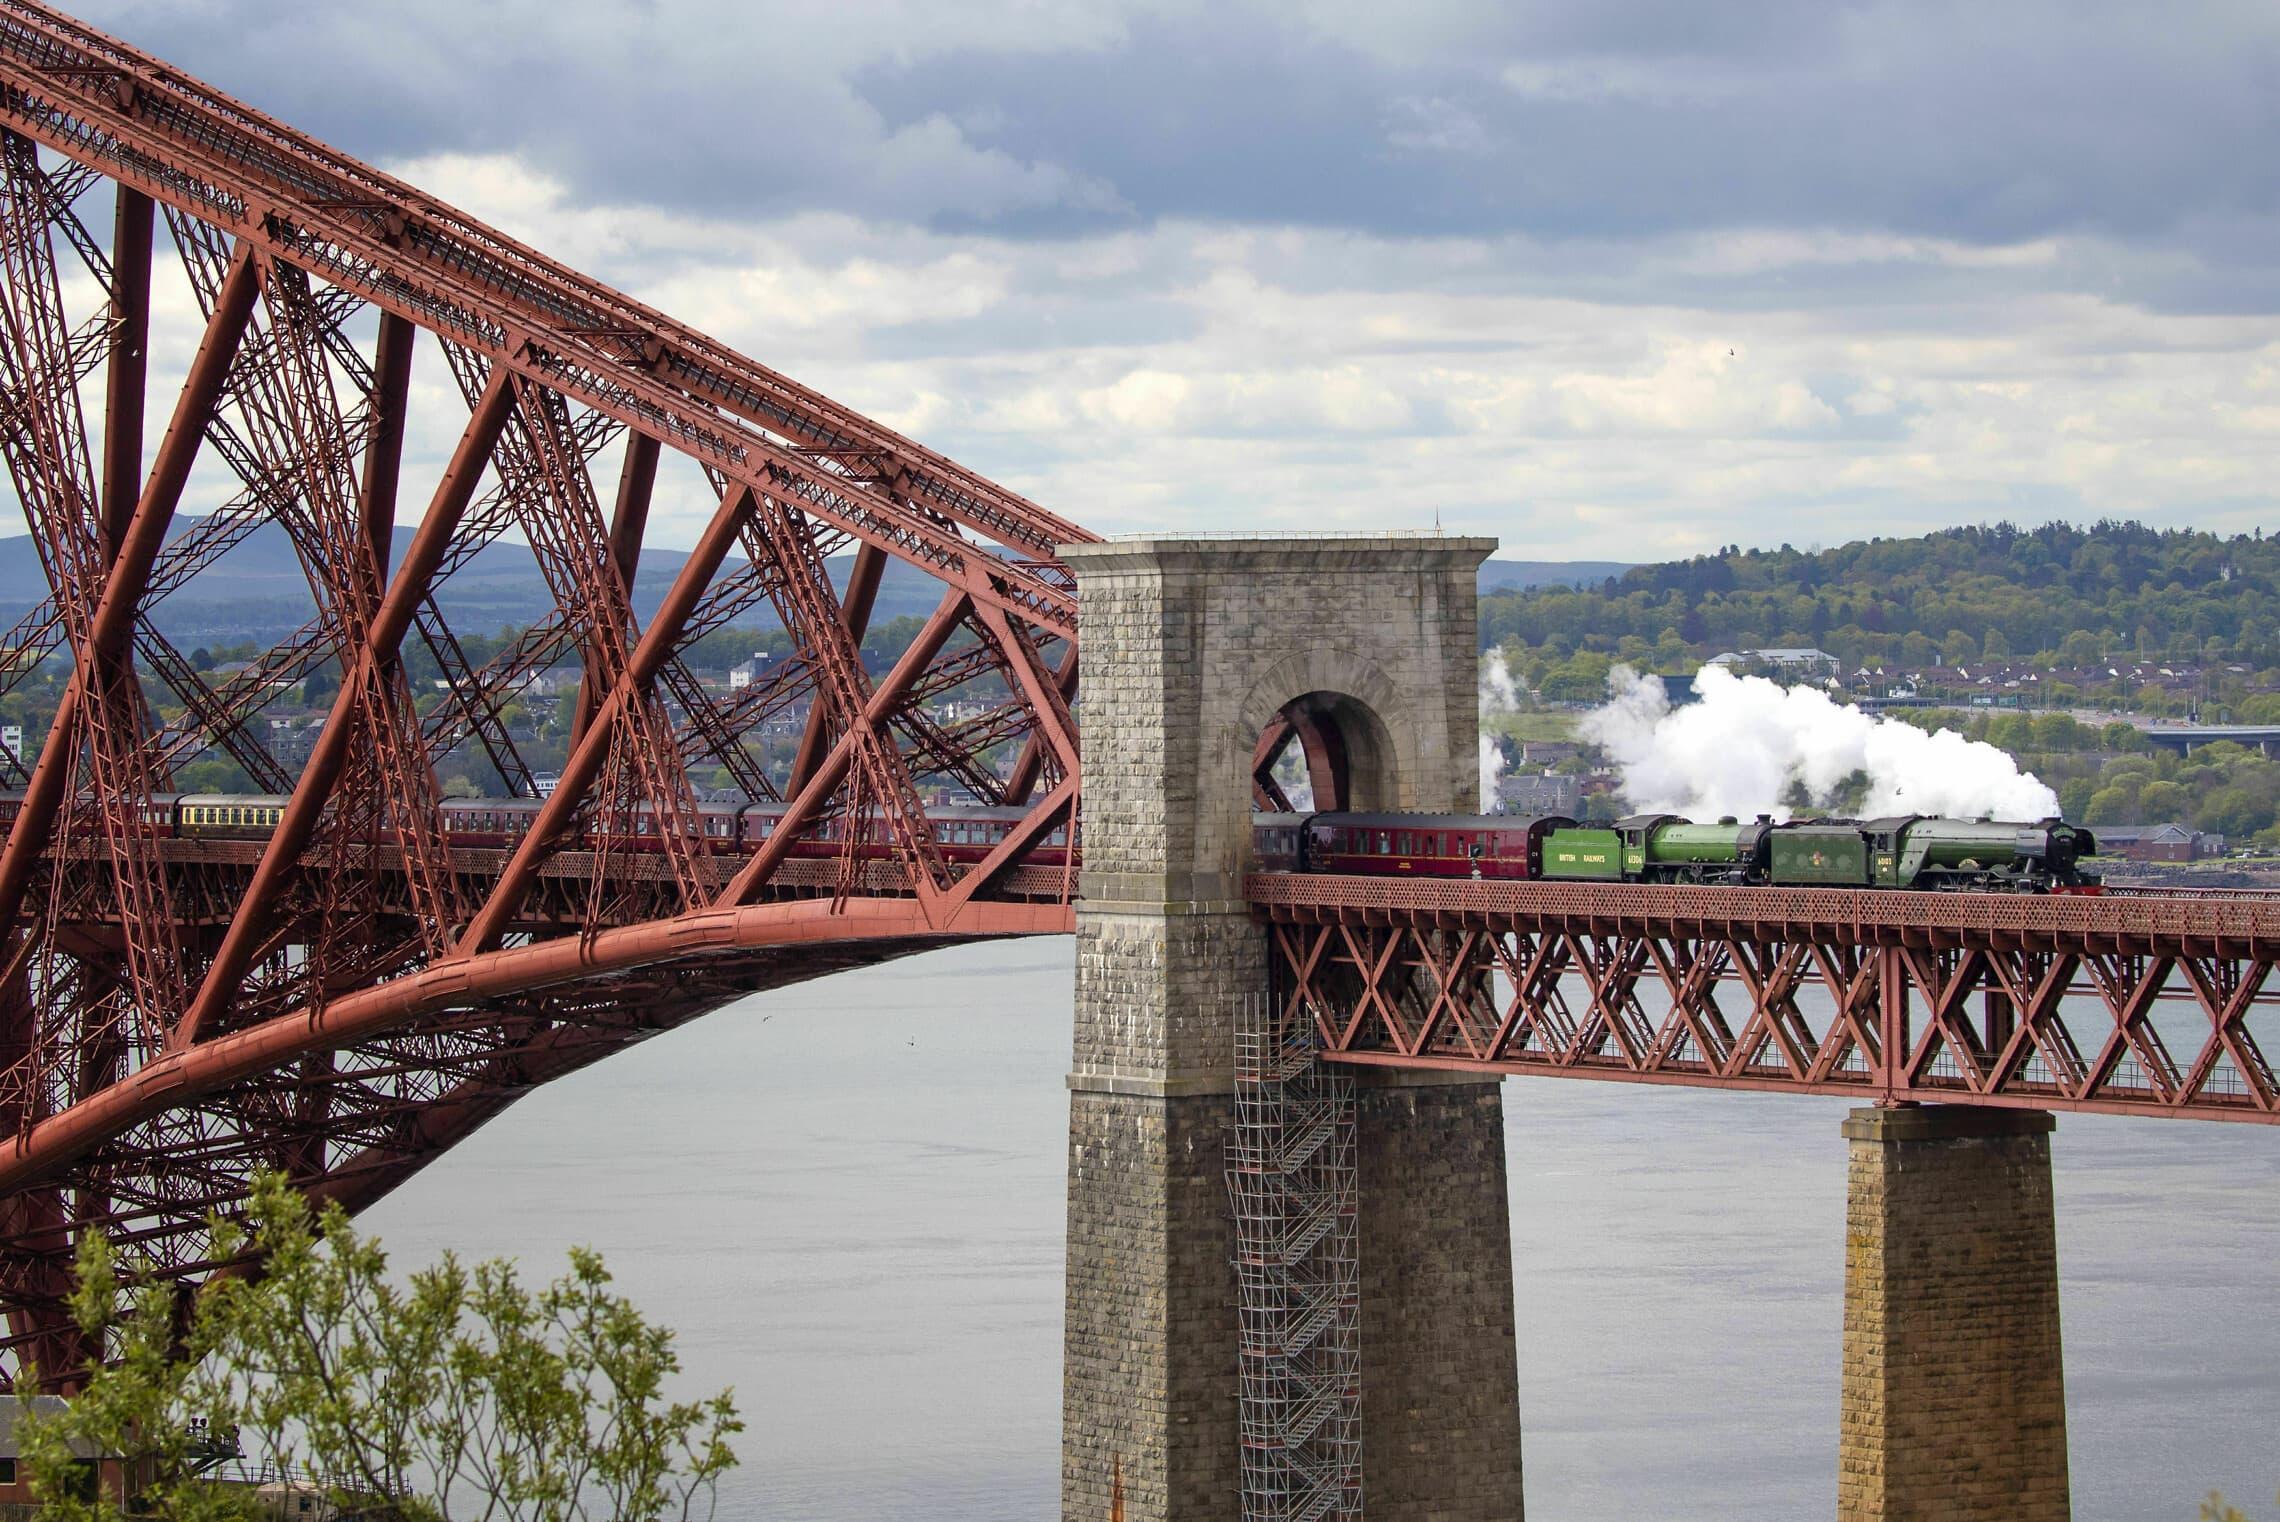 """רכבת הקיטור """"הסקוטי המעופף"""" בדרכה מאדינברו לאינברנס בסקוטלנד, 10 במאי 2019 (צילום: Jane Barlow/PA via AP)"""